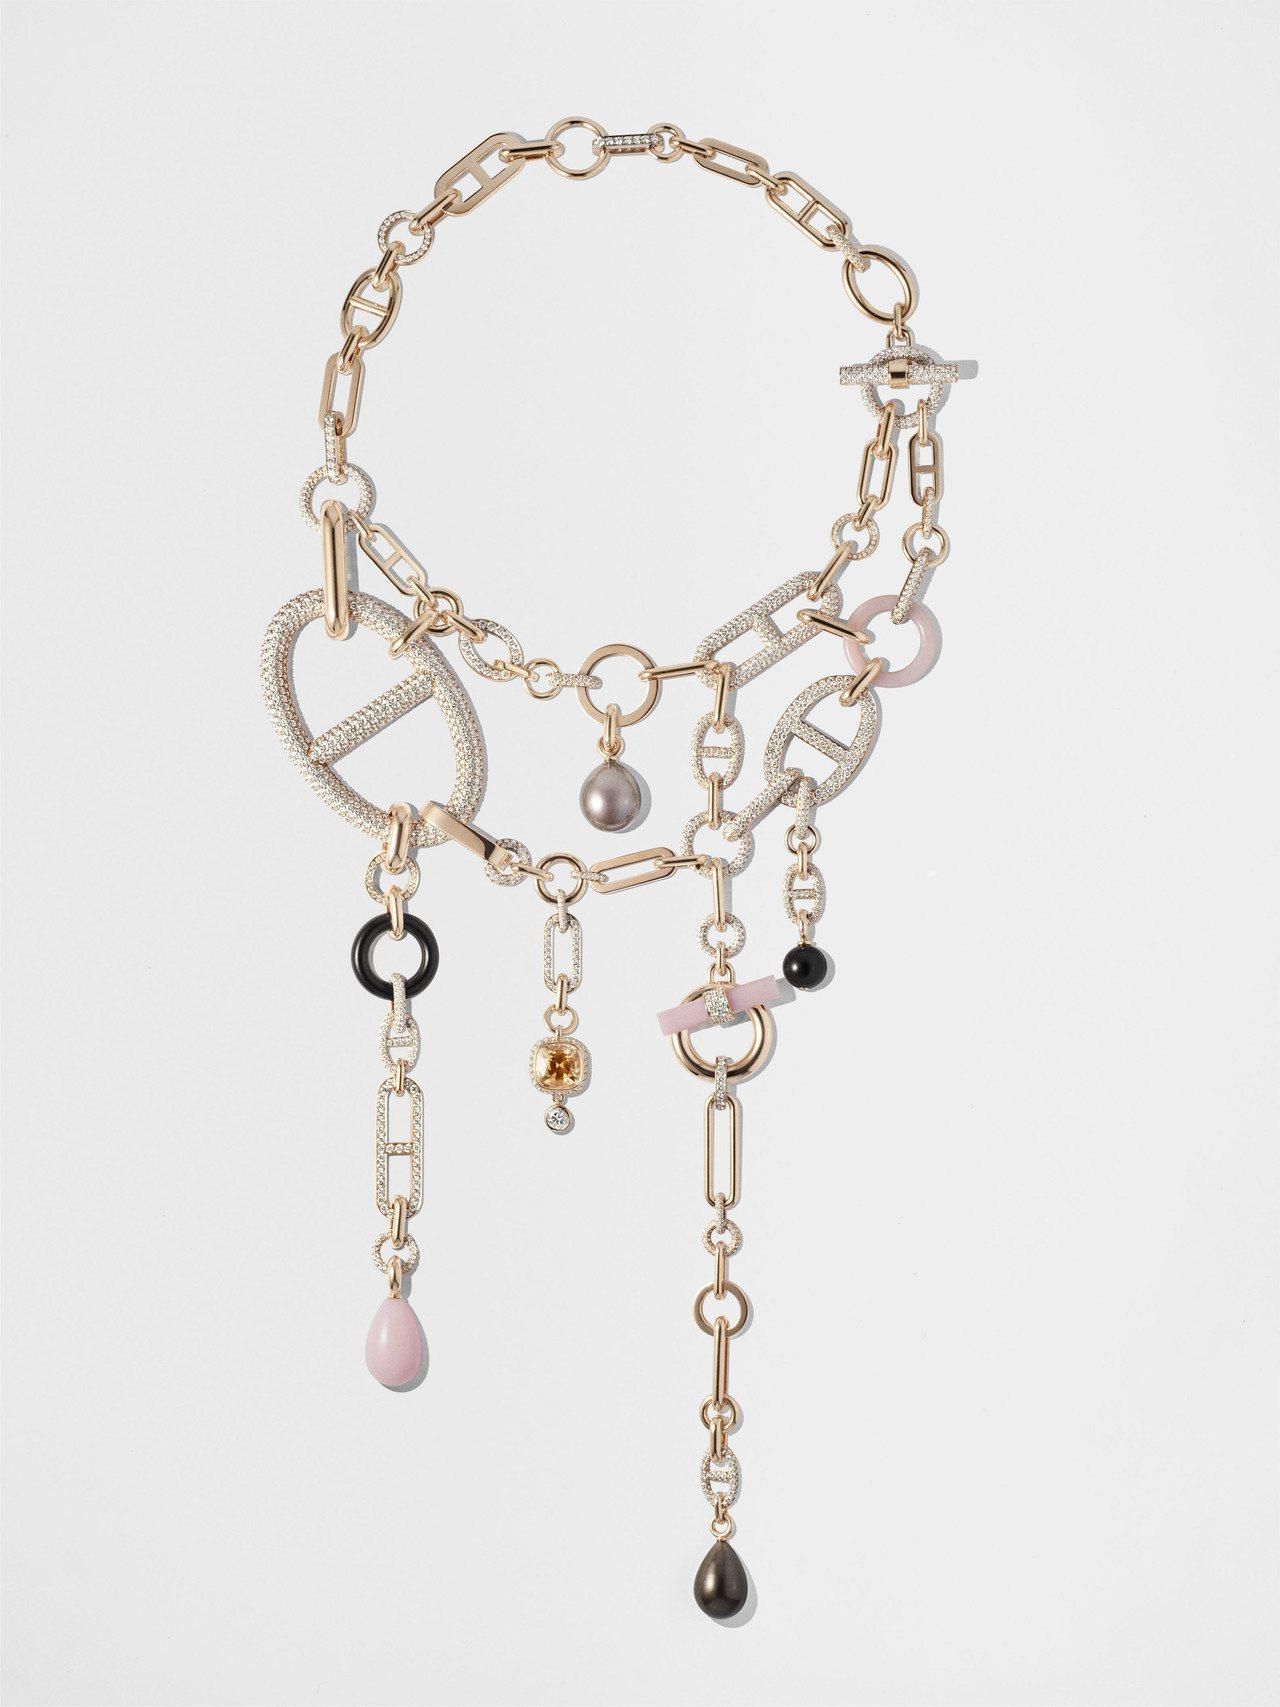 Hermès Grand Jeté玫瑰金鑲珍珠、粉紅蛋白石、墨玉、橘黃色藍寶石與...